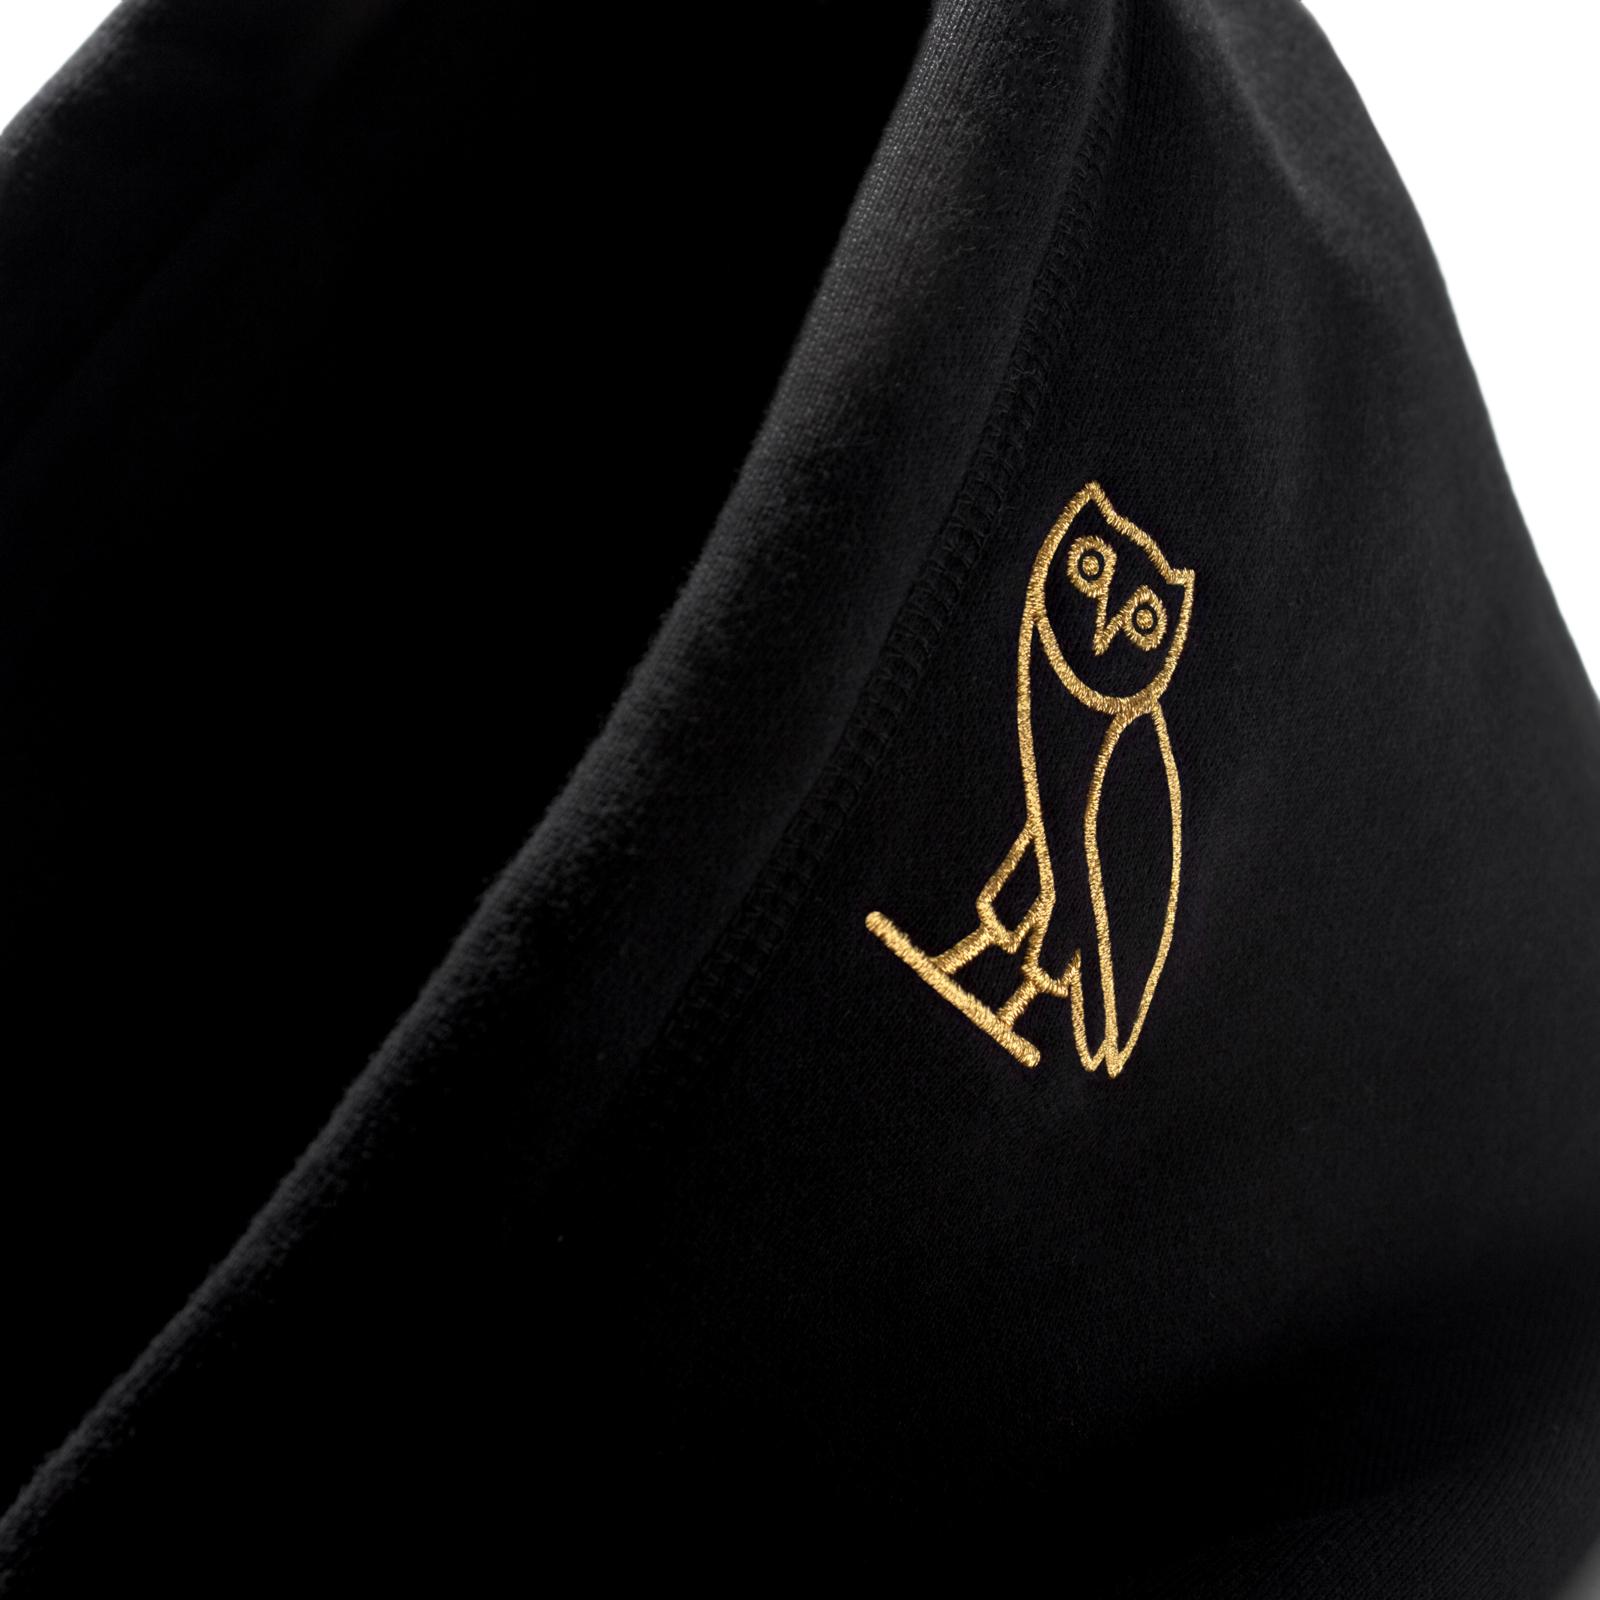 Jordan x OVO All-Star Collection - Nike News